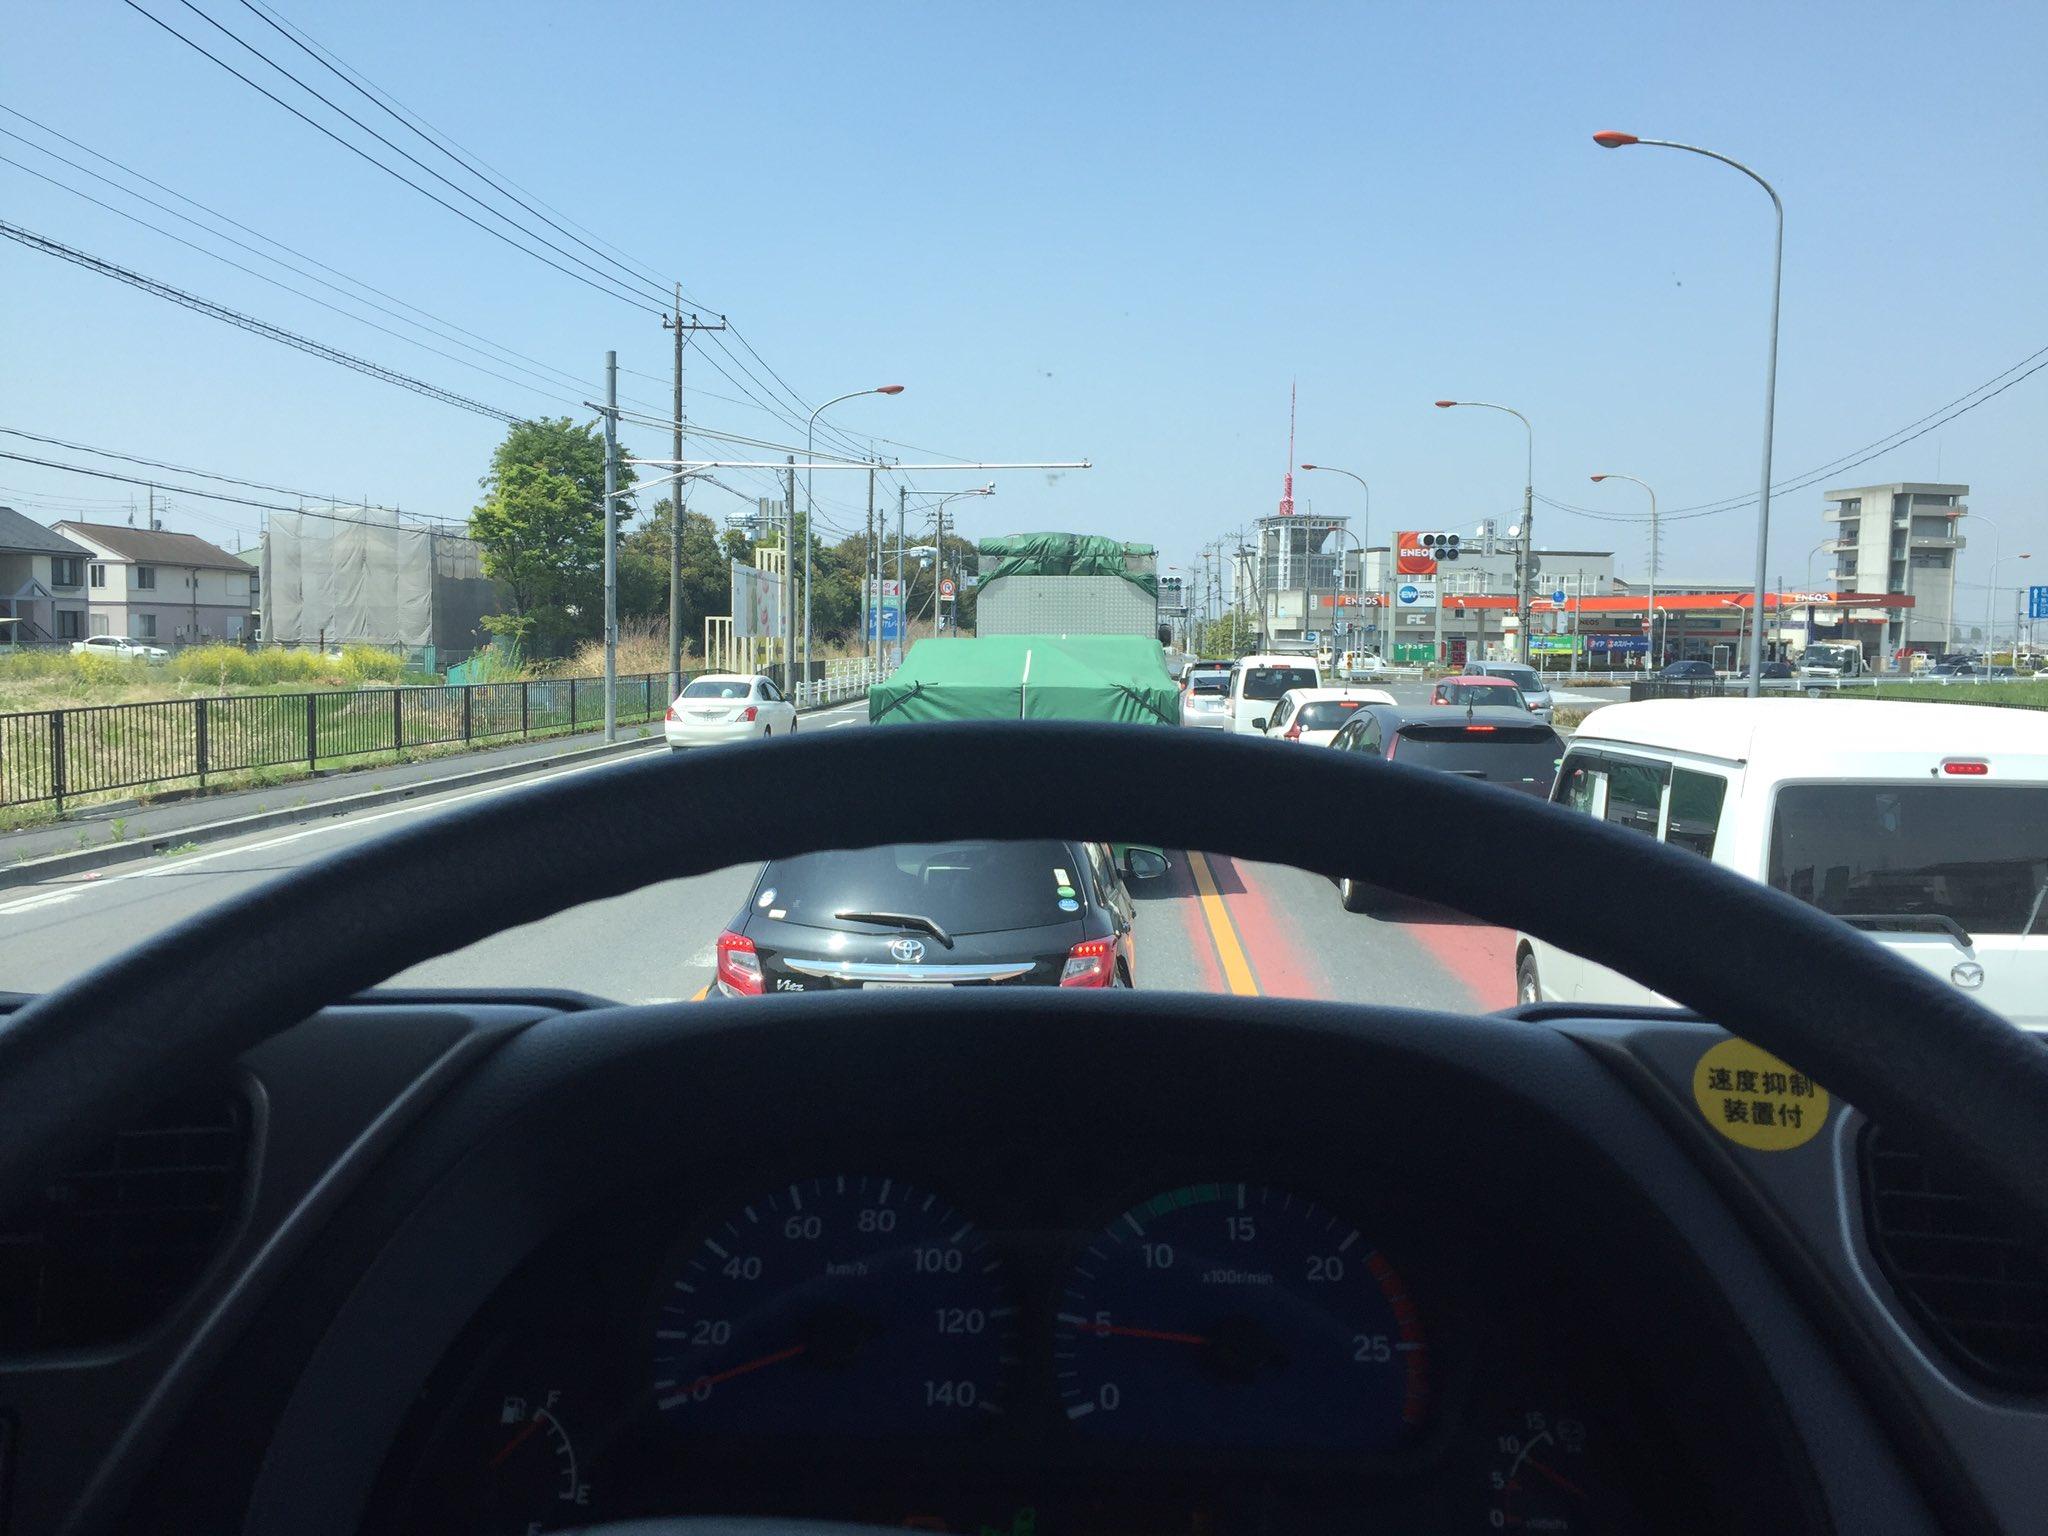 画像,良い天気ですねぇ…関越道渋滞なんで17号で下りましょう笑笑 https://t.co/U1qjxsYFuG。